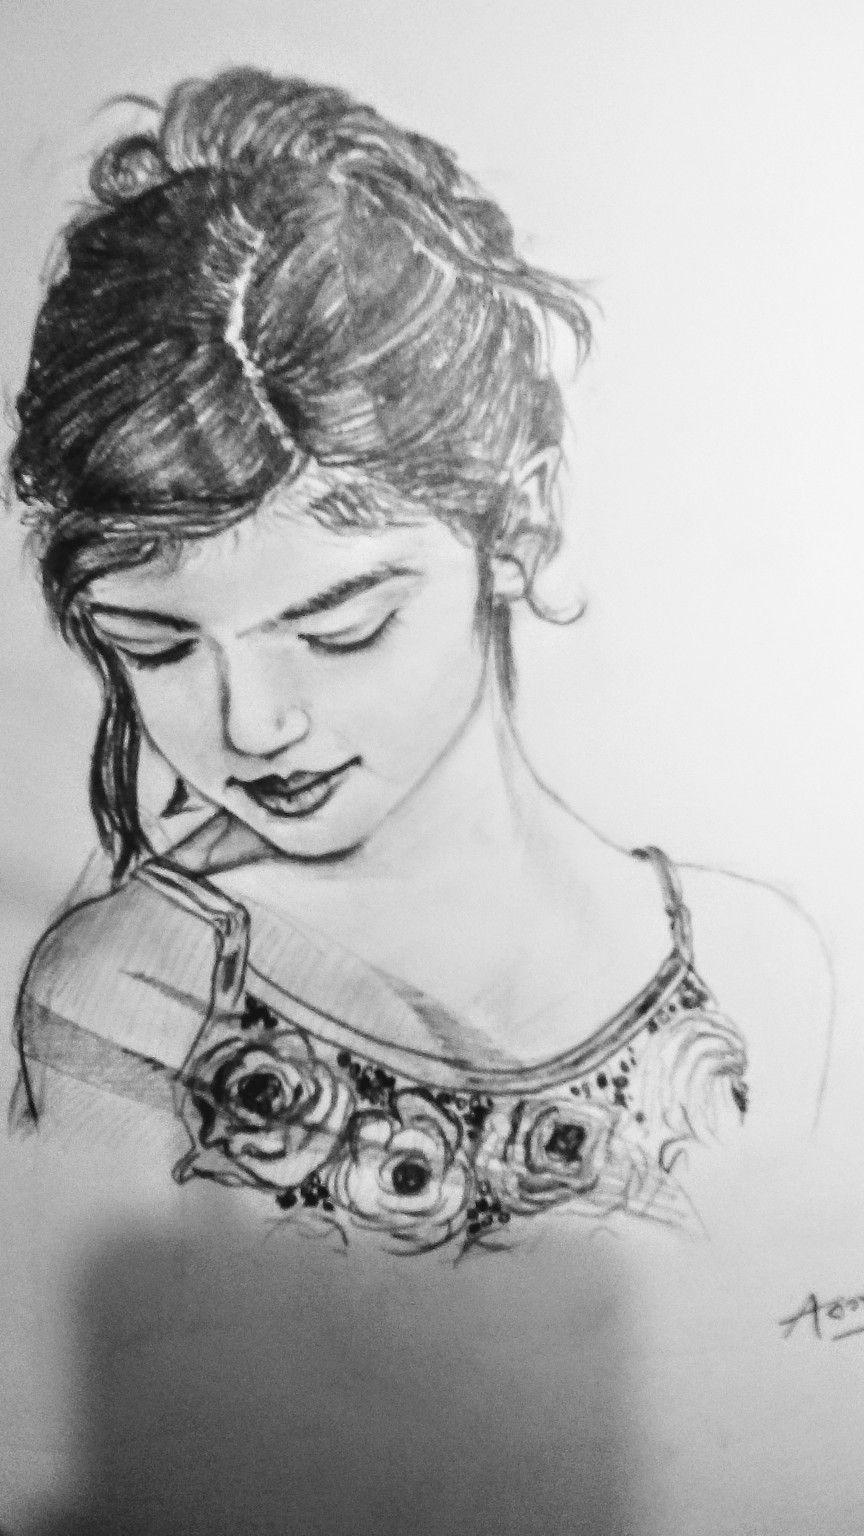 Cute baby girl sketch